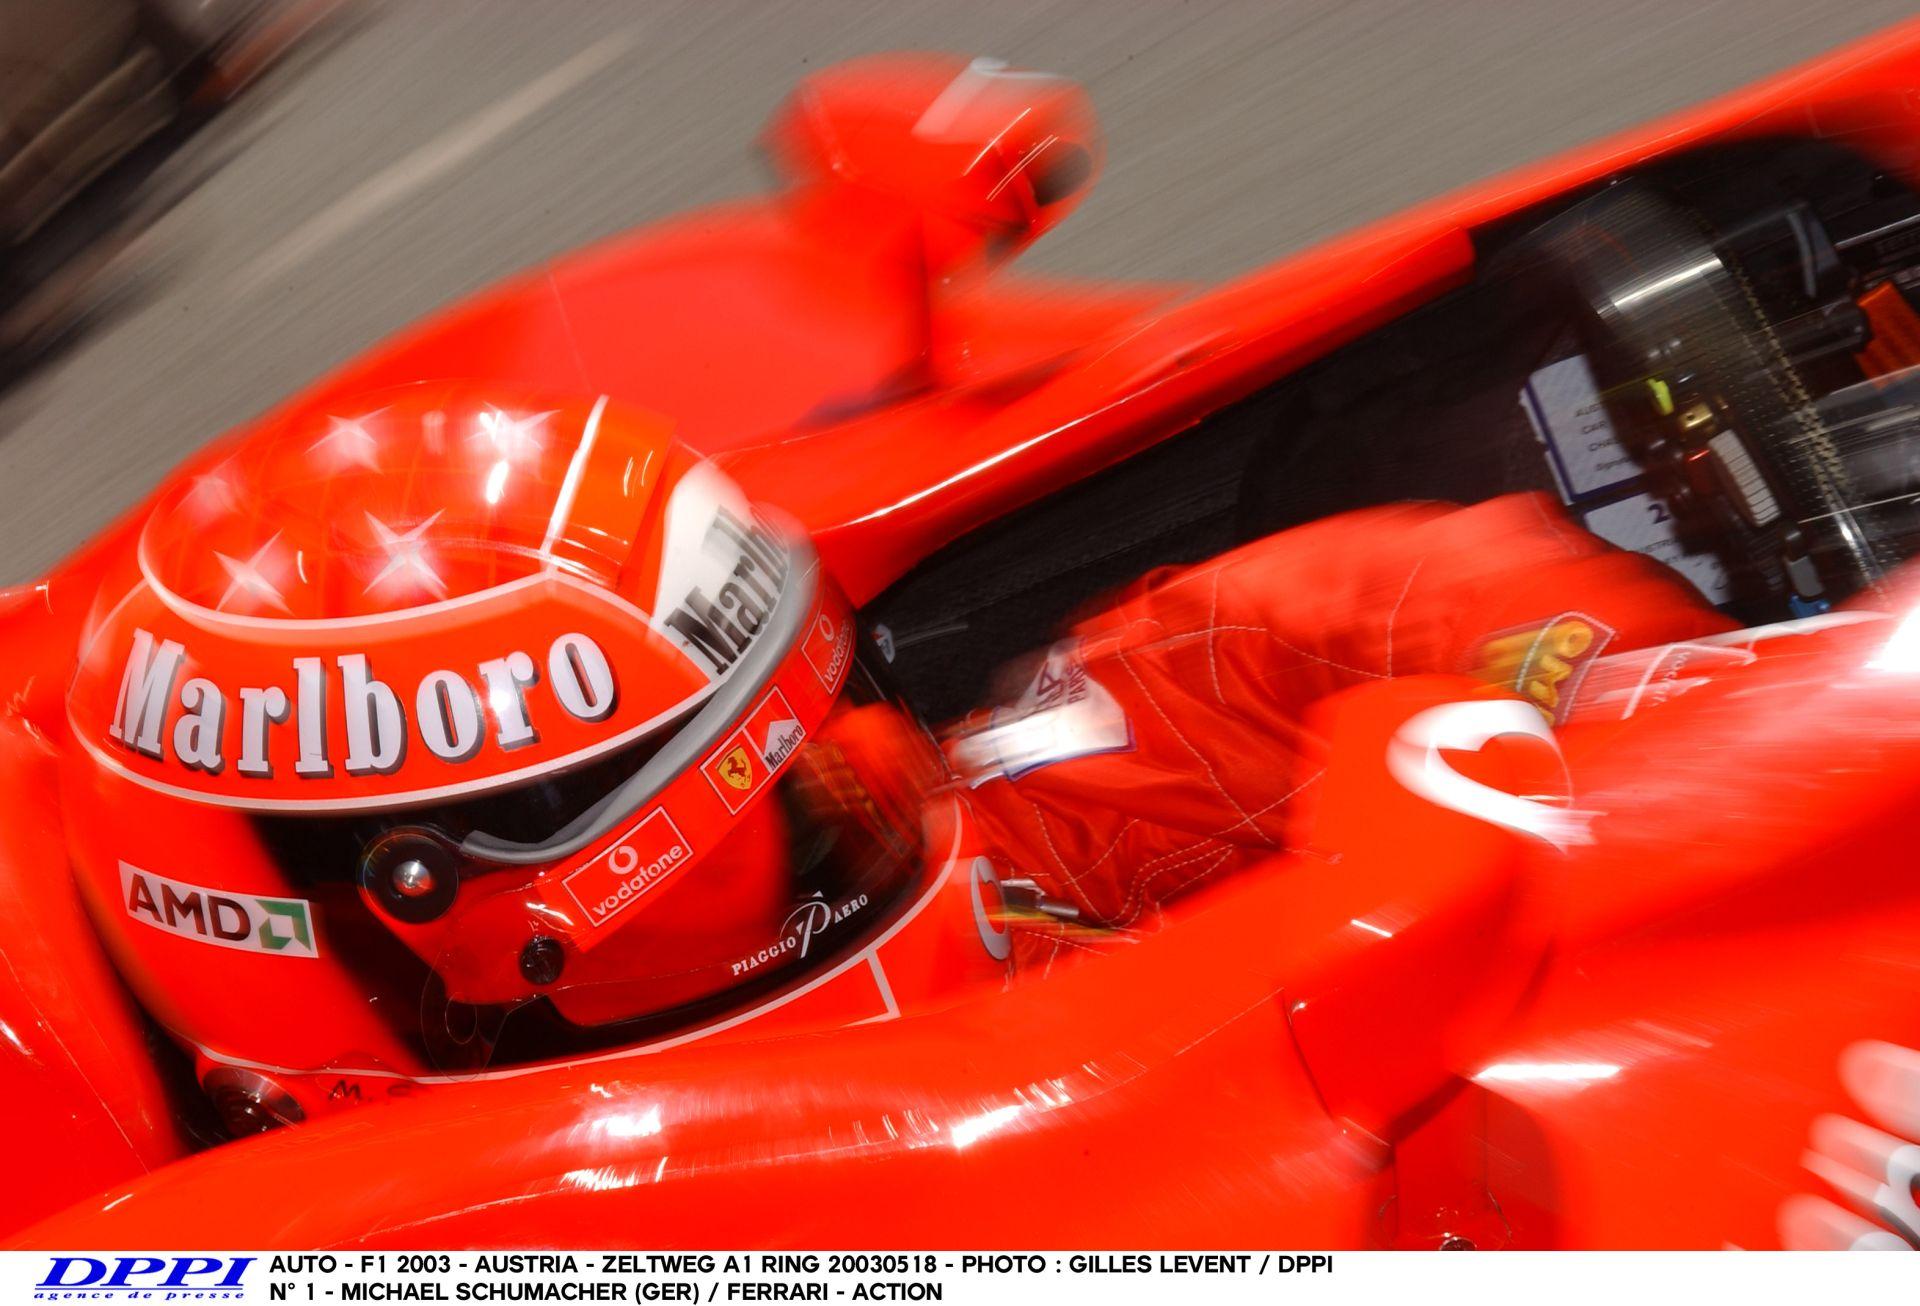 Egy kör Michael Schumacherrel a legendás osztrák versenypályán: Felejthetetlen!